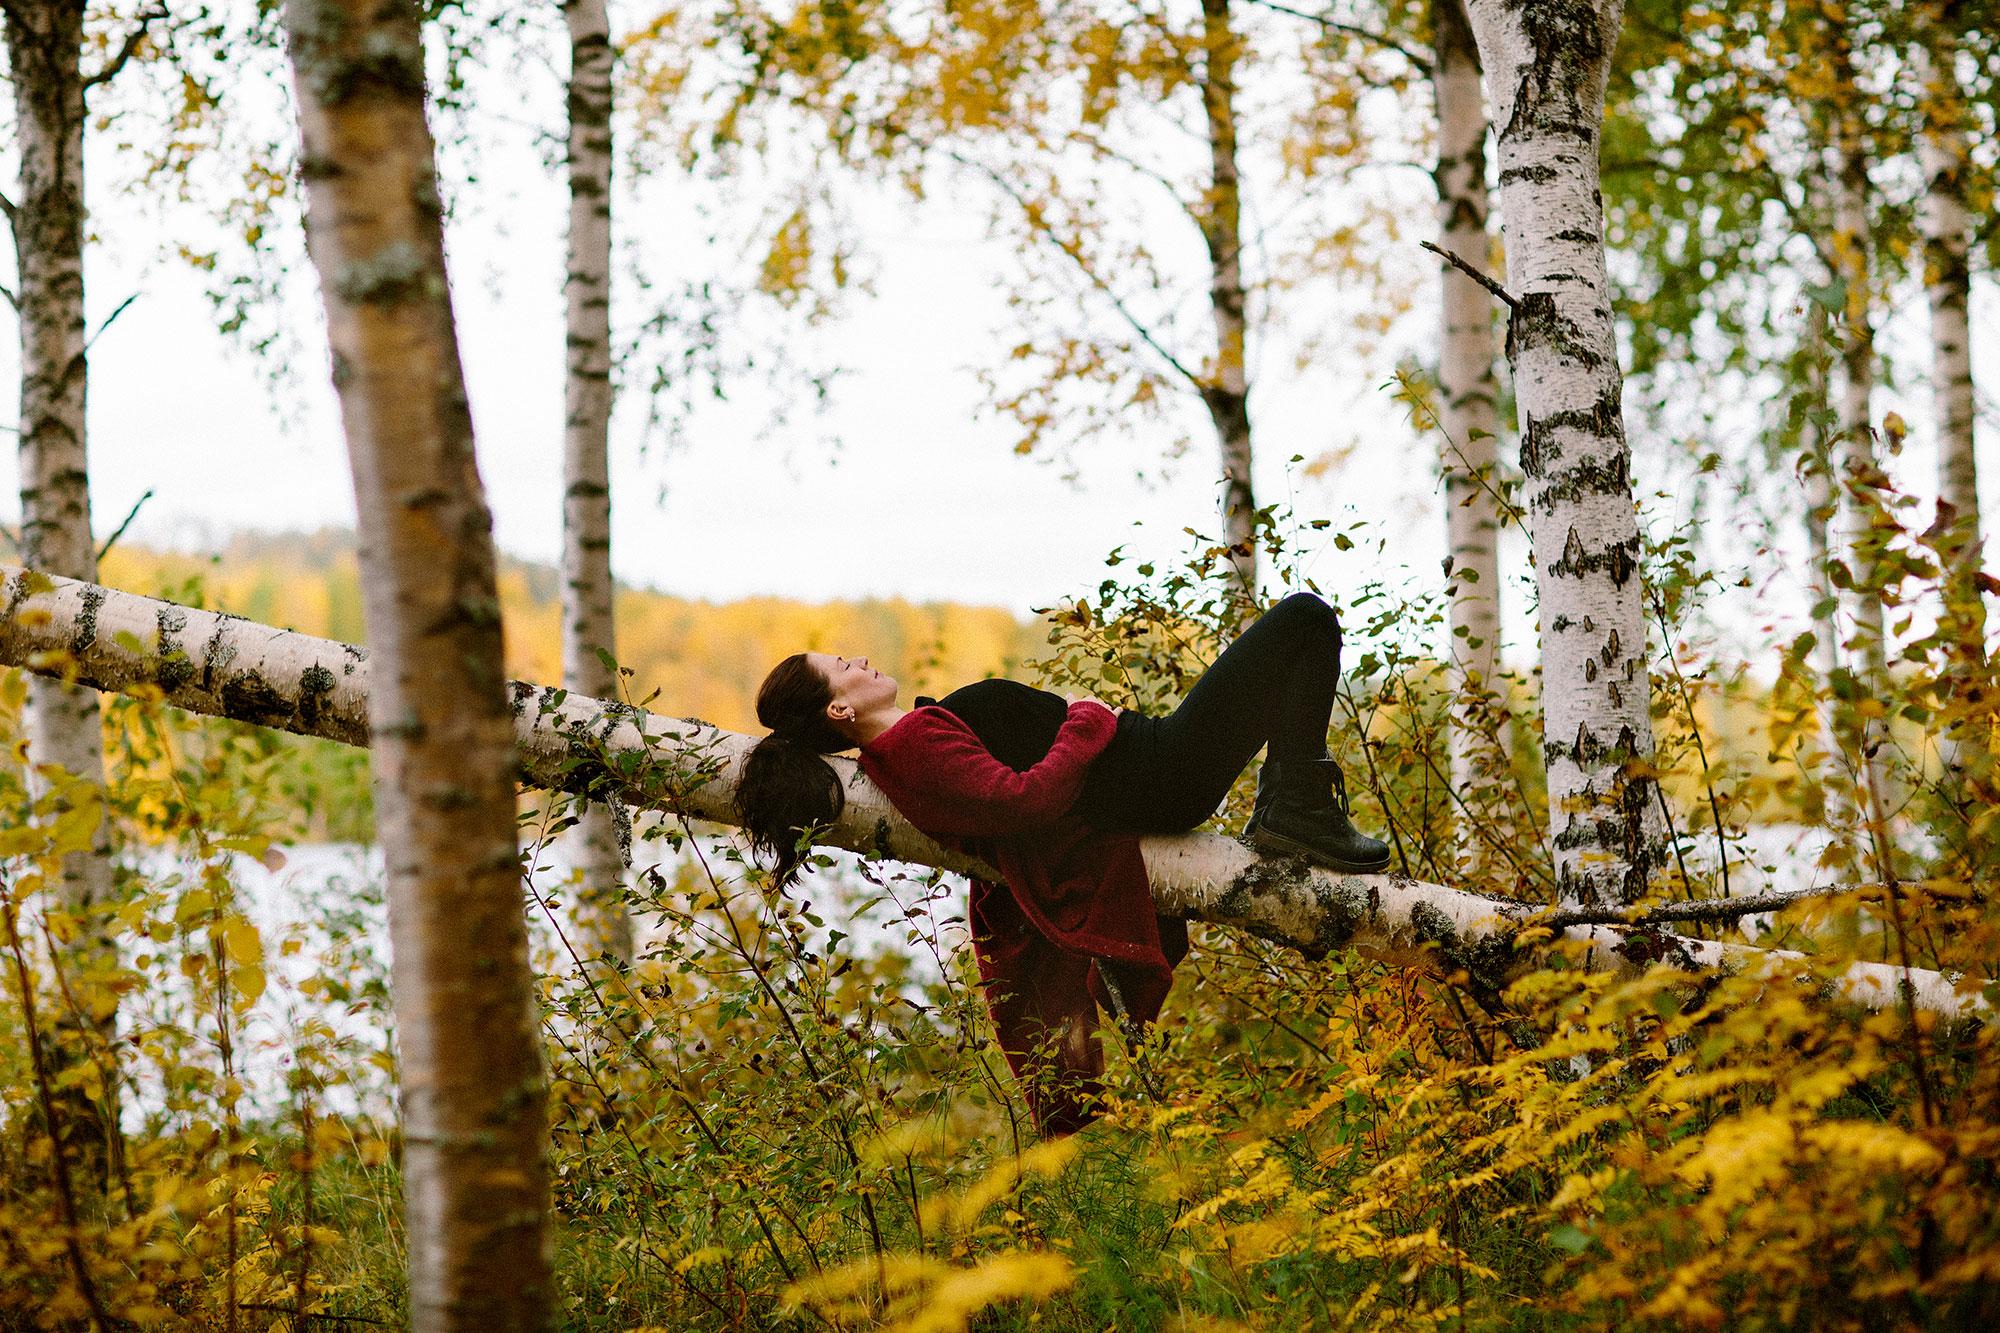 MG_Yoga_host_Moa_vilar_pa_trad_2000px.jpg